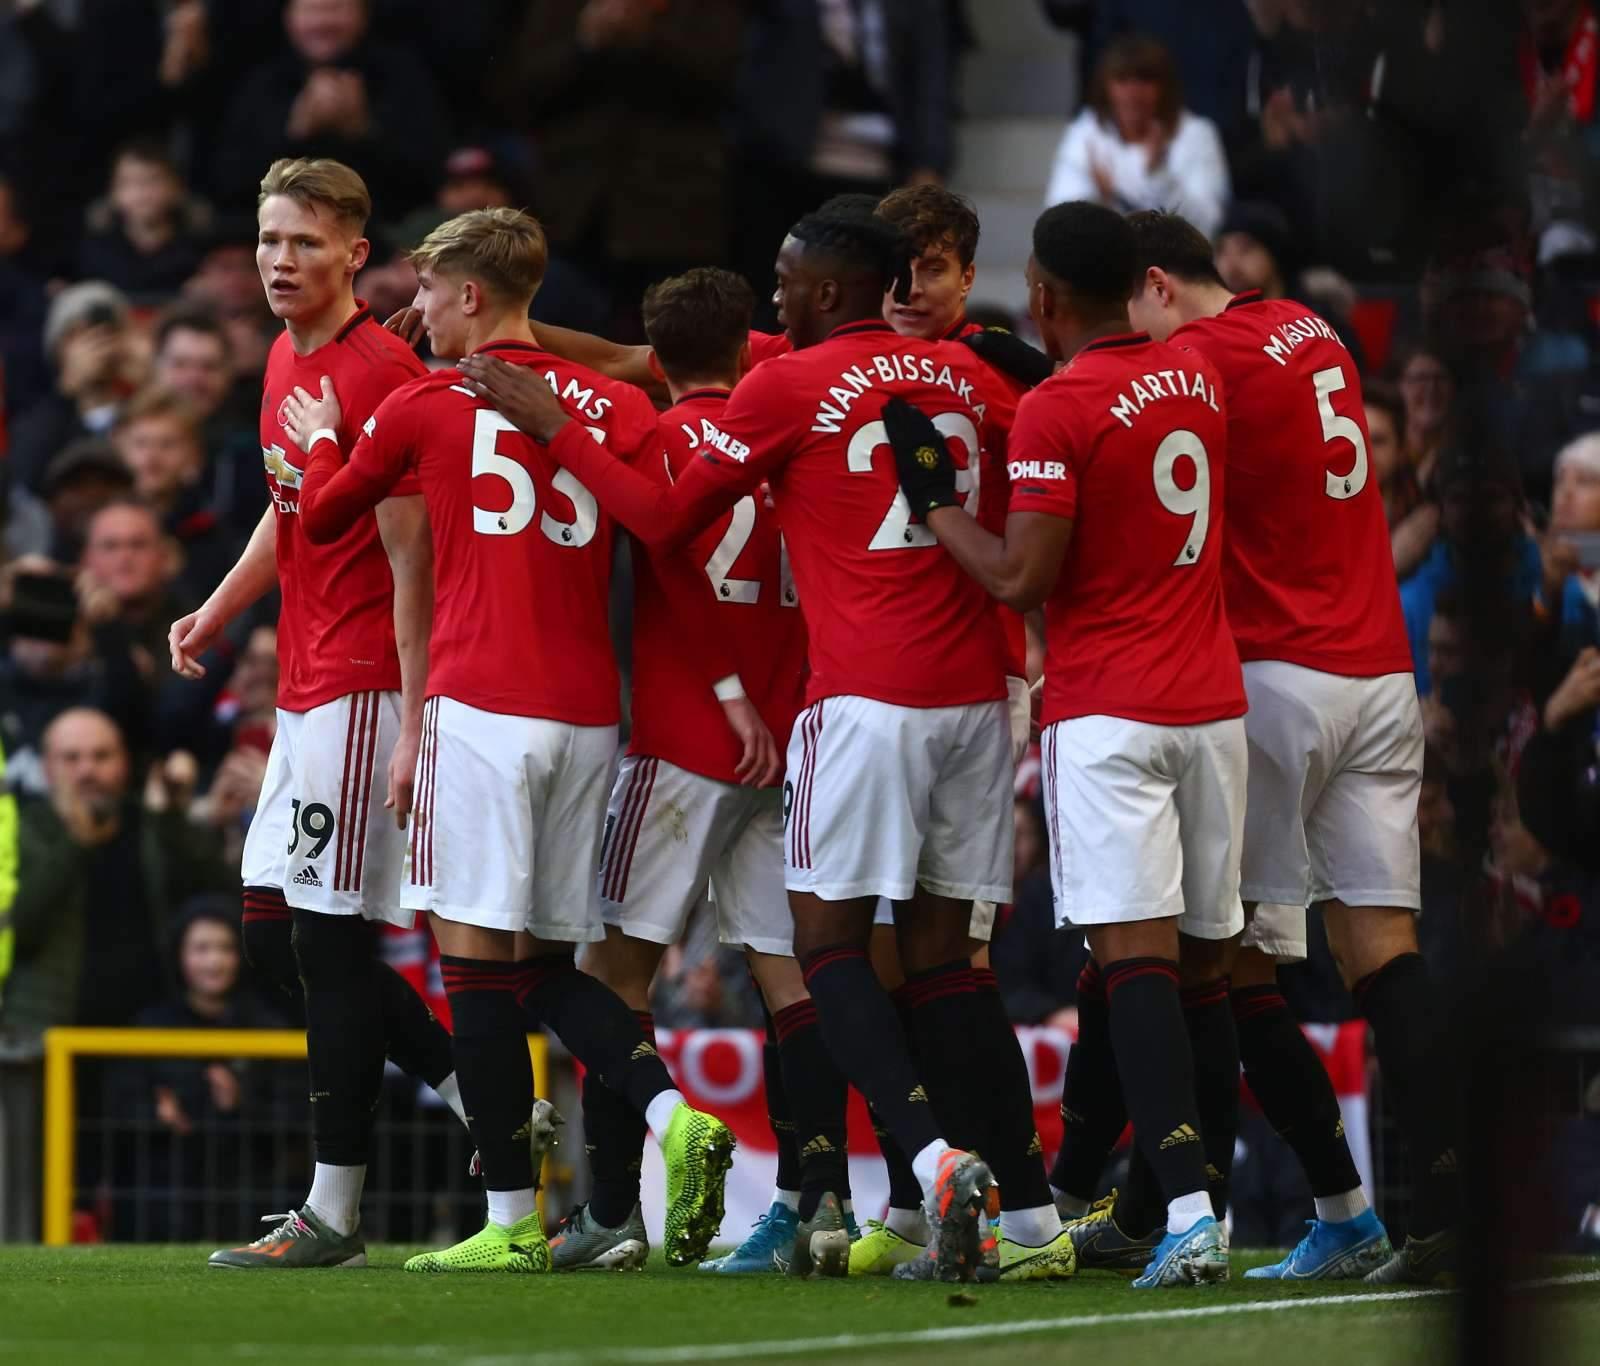 Манчестер Юнайтед - Лидс: где смотреть прямую трансляцию онлайн